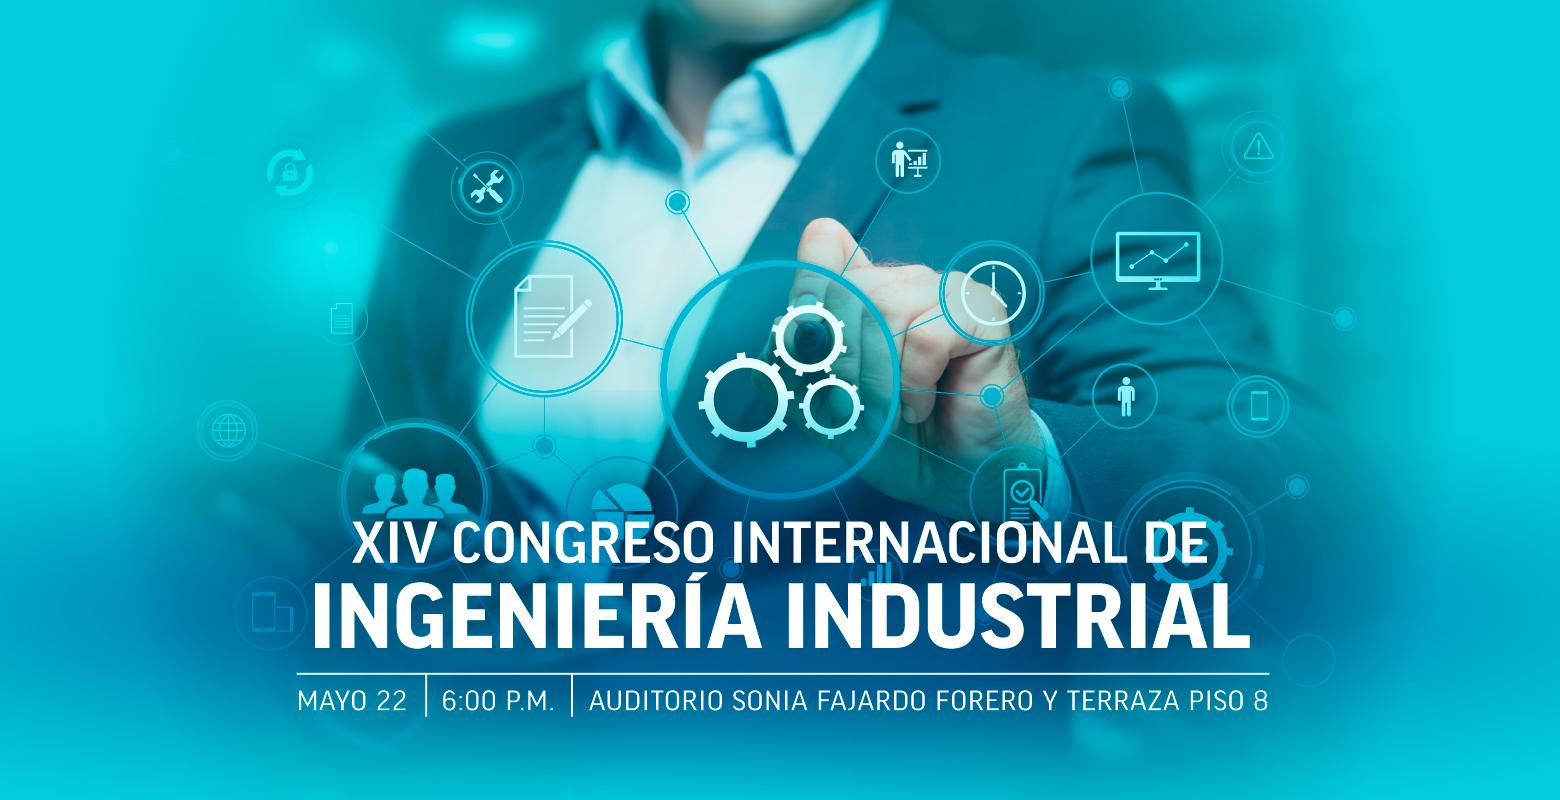 XIV Congreso Internacional de Ingeniería Industrial